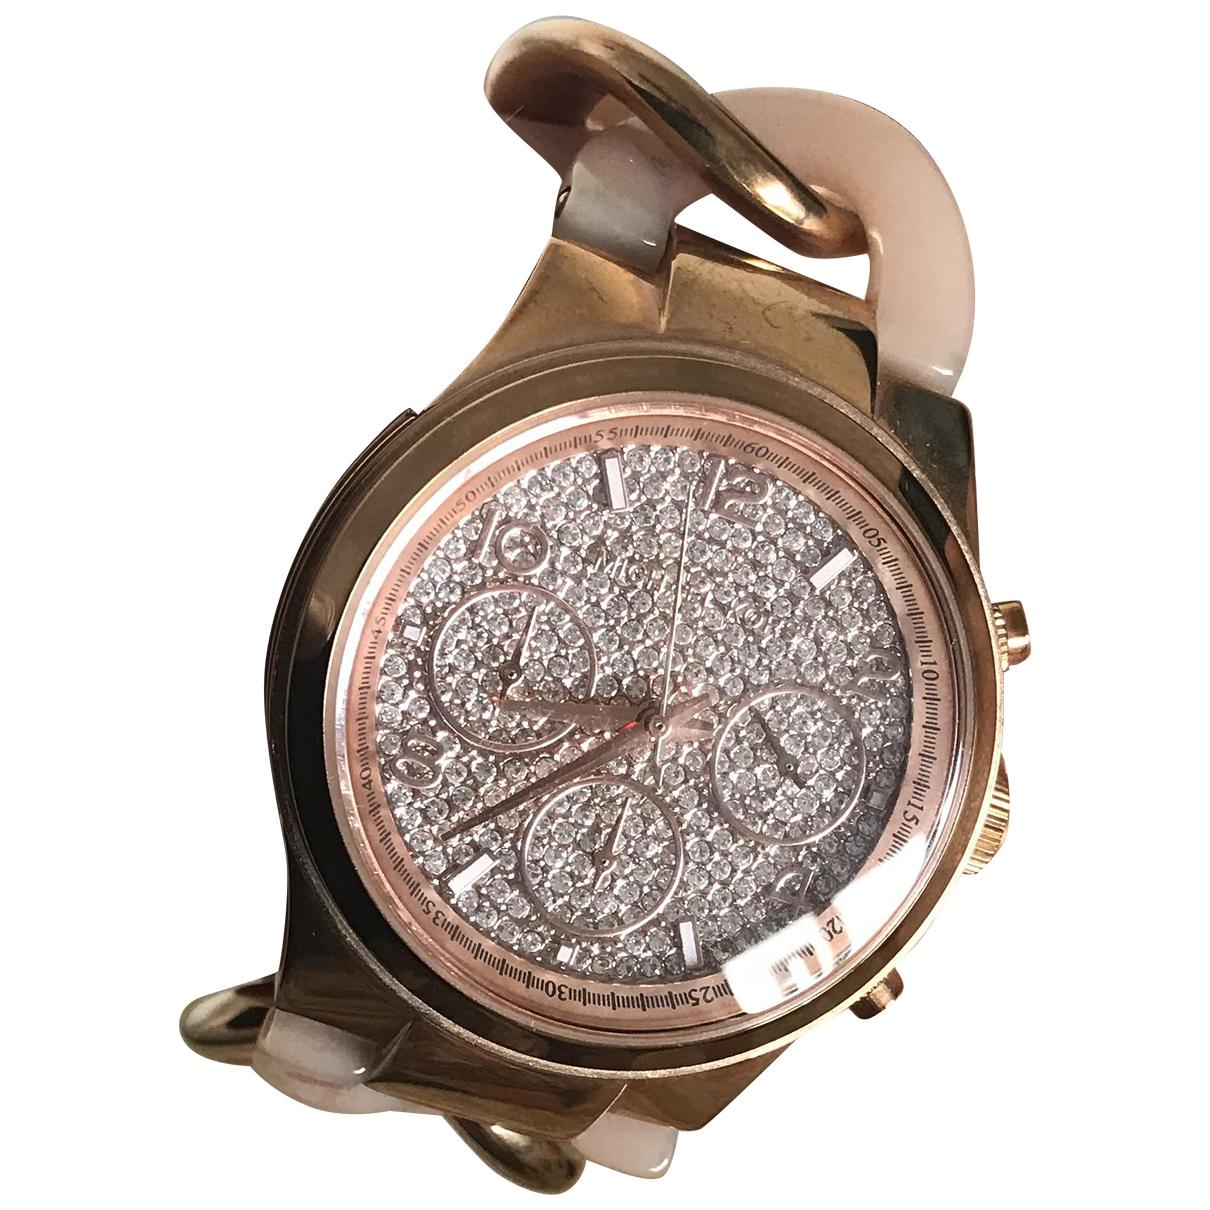 Michael Kors \N Steel watch for Women \N